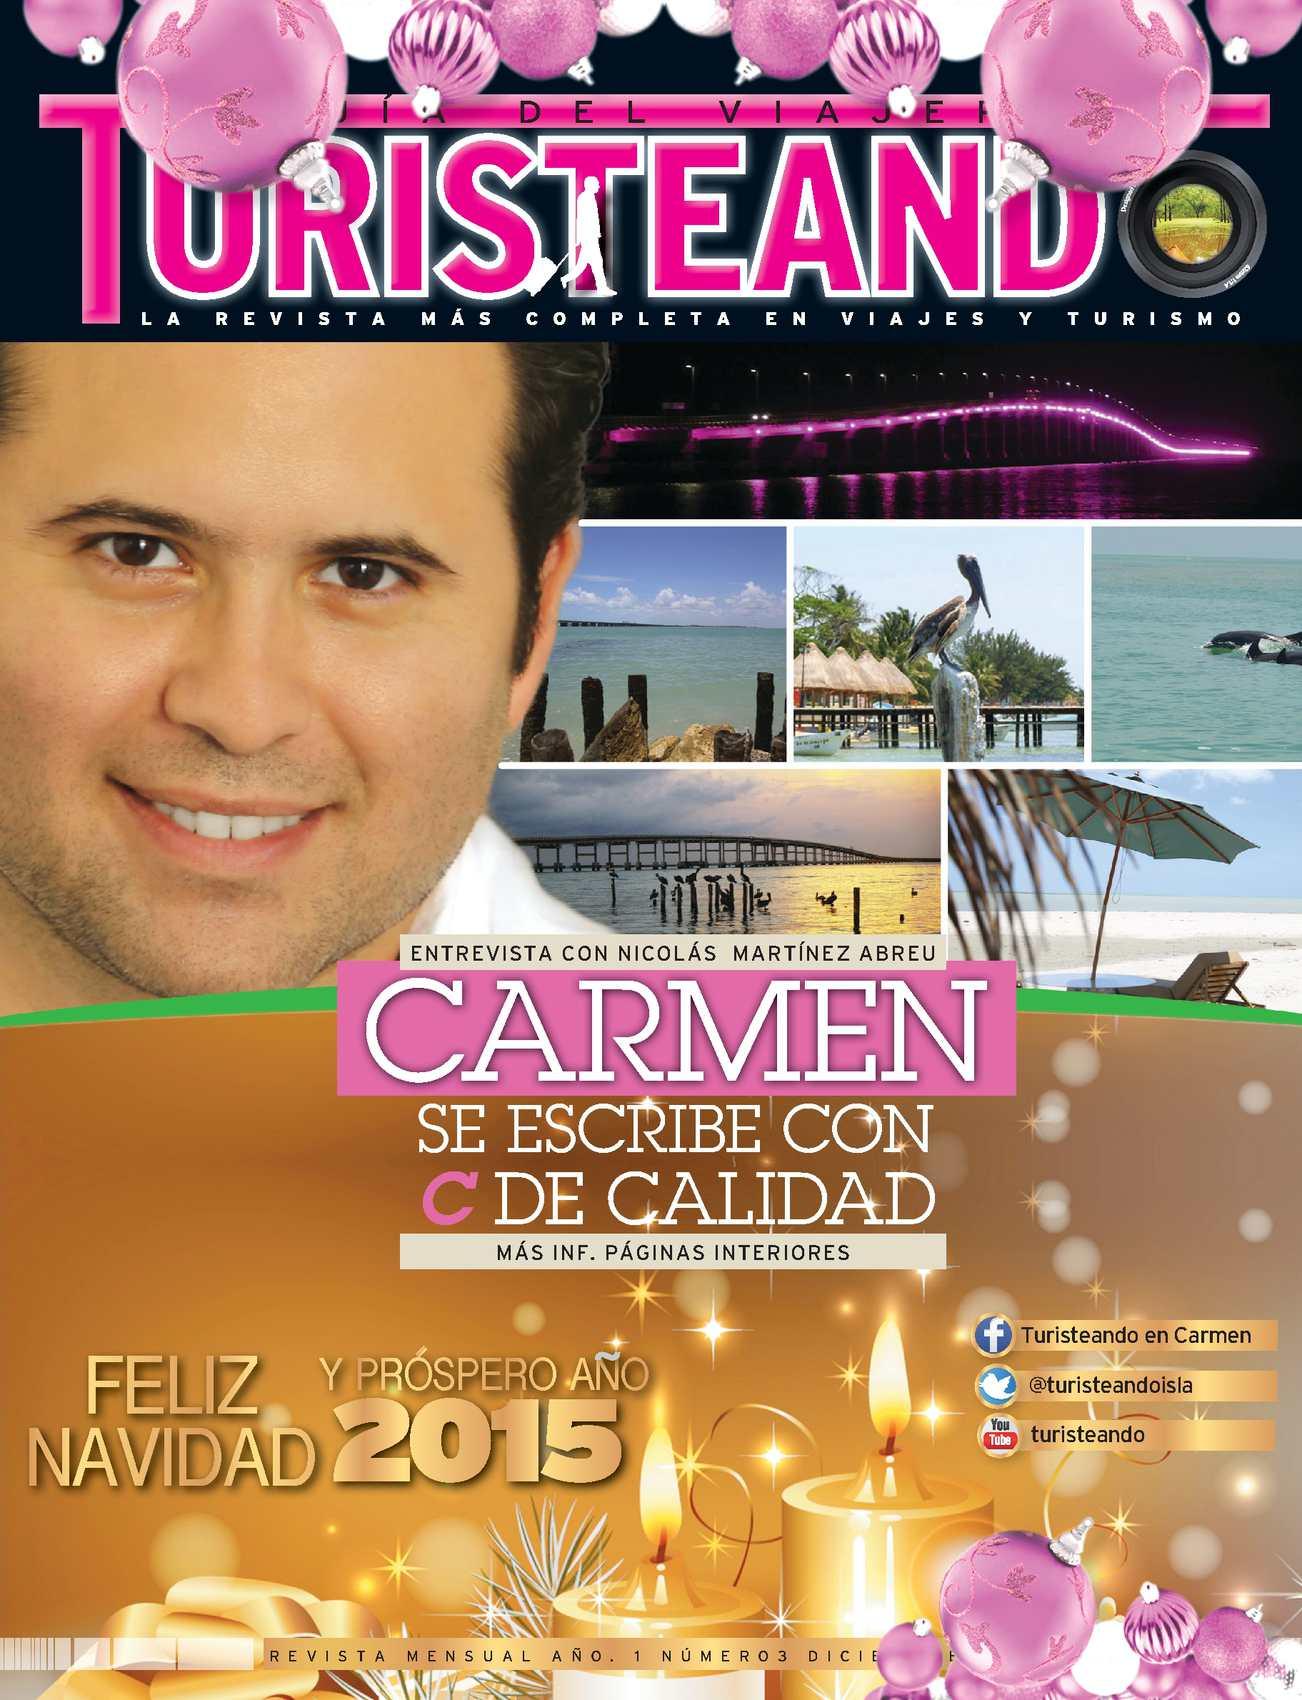 Turisteando en Carmen 3era. Edición